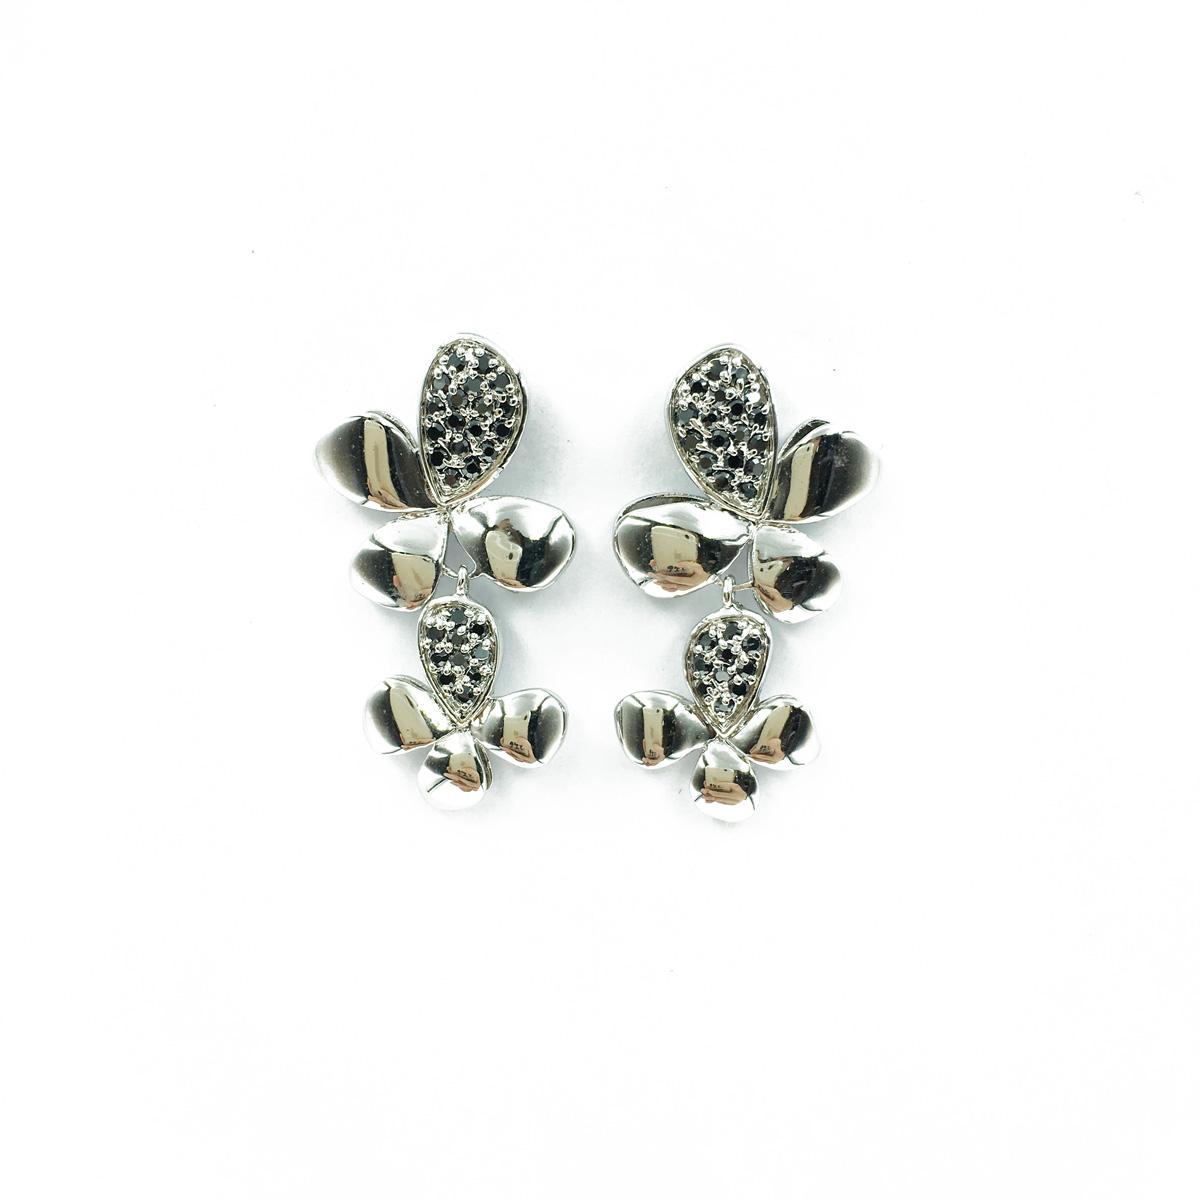 耳環項鍊組合款 蝴蝶型 花朵 鑲鑽 水鑽 黑鑽 銀色 耳針耳環 項鍊 採用施華洛世奇水晶元素 Crystals from Swarovski